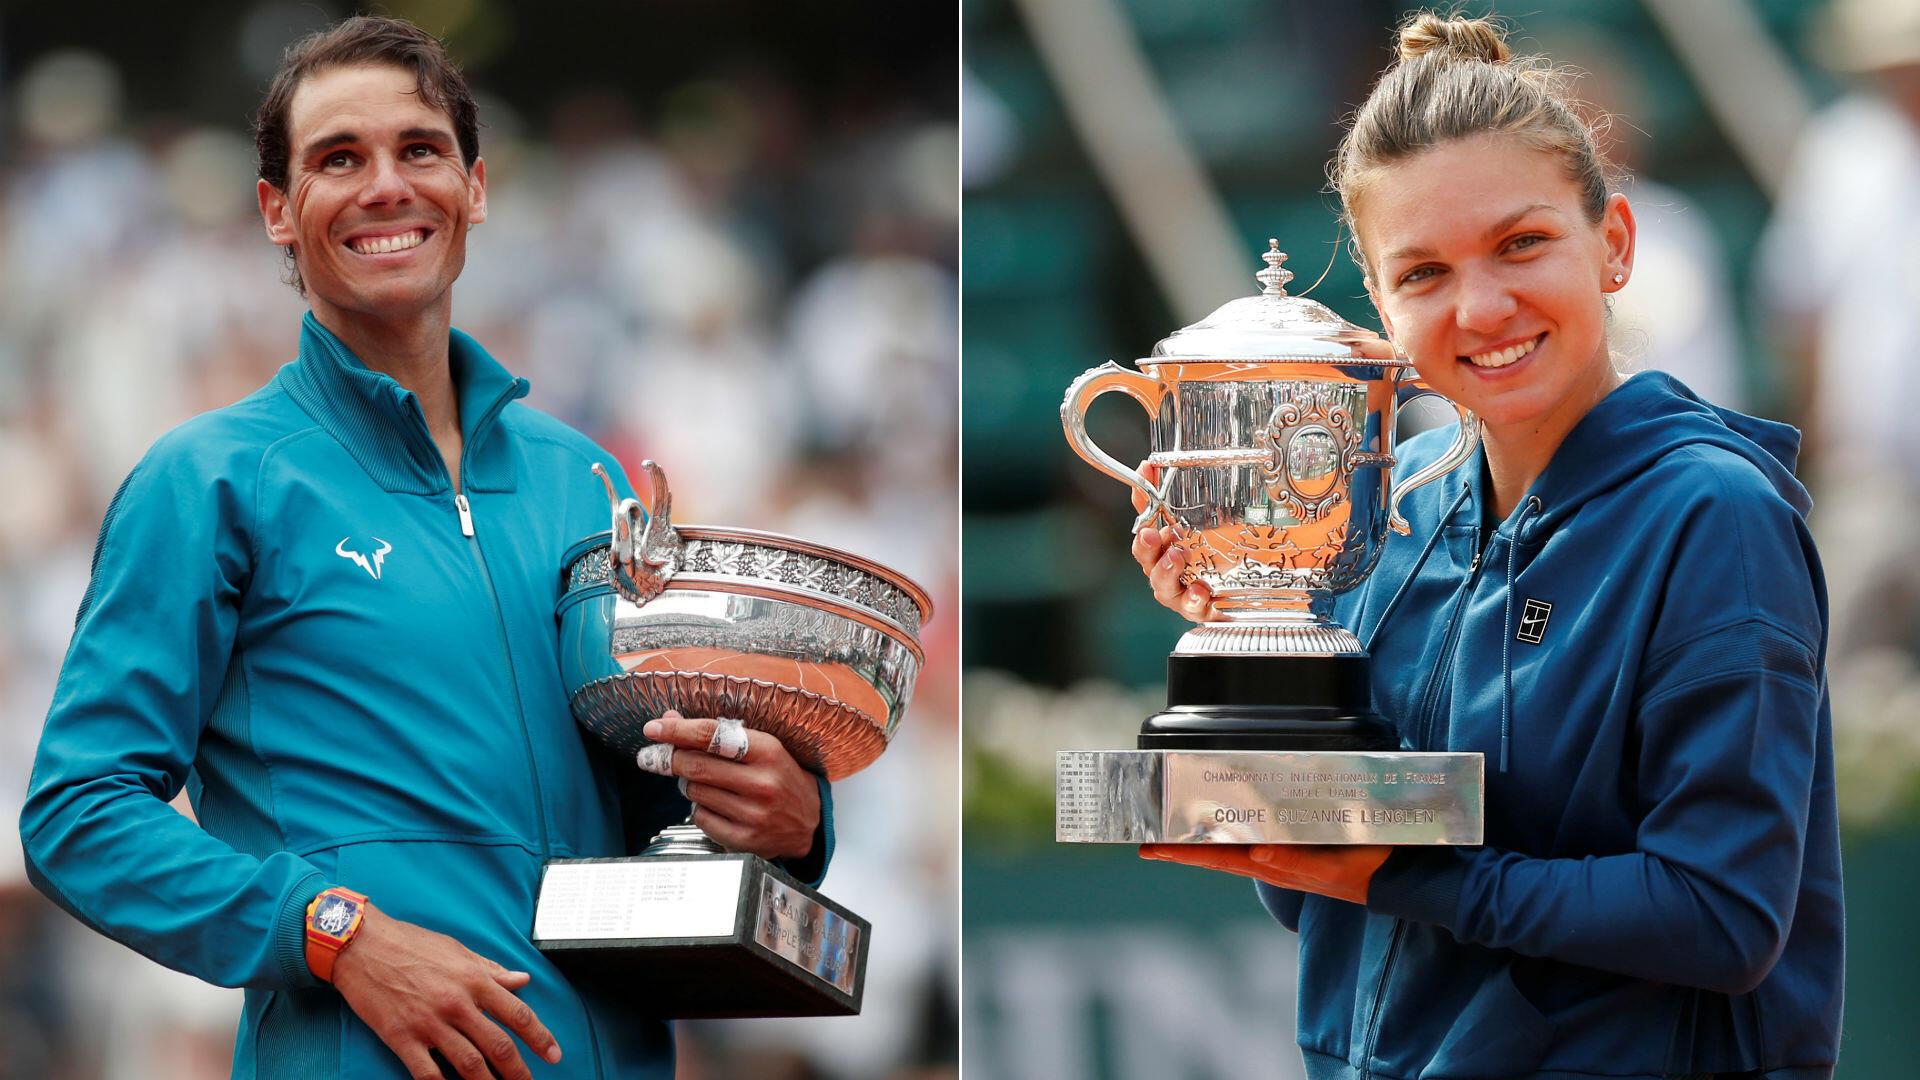 Non content d'être redevenu numéro un mondial, l'Espagnol Rafael Nadal marque un peu plus l'histoire du tennis en remportant Roland-Garros pour la 11e fois. Chez les femmes, la Roumaine Simona Halep s'adjuge son tout premier majeur, juste récompense pour la numéro un à la WTA.